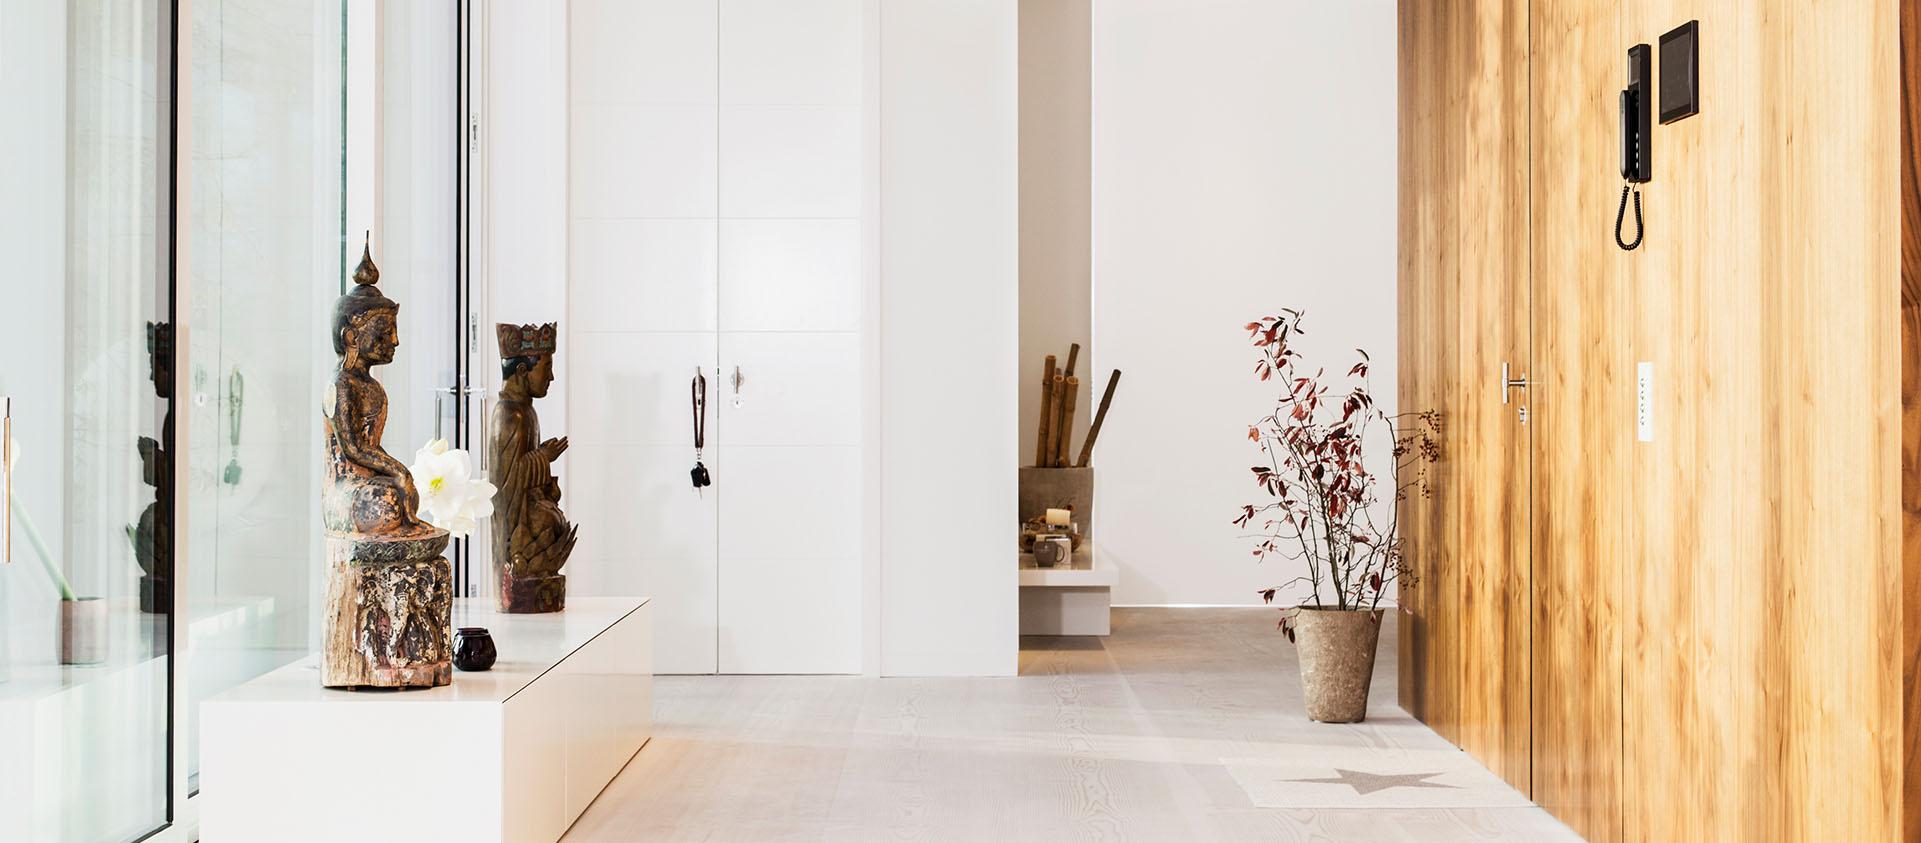 Penthouse Eingang Interieur Design Eberhard Horn Designgruppe Königstein